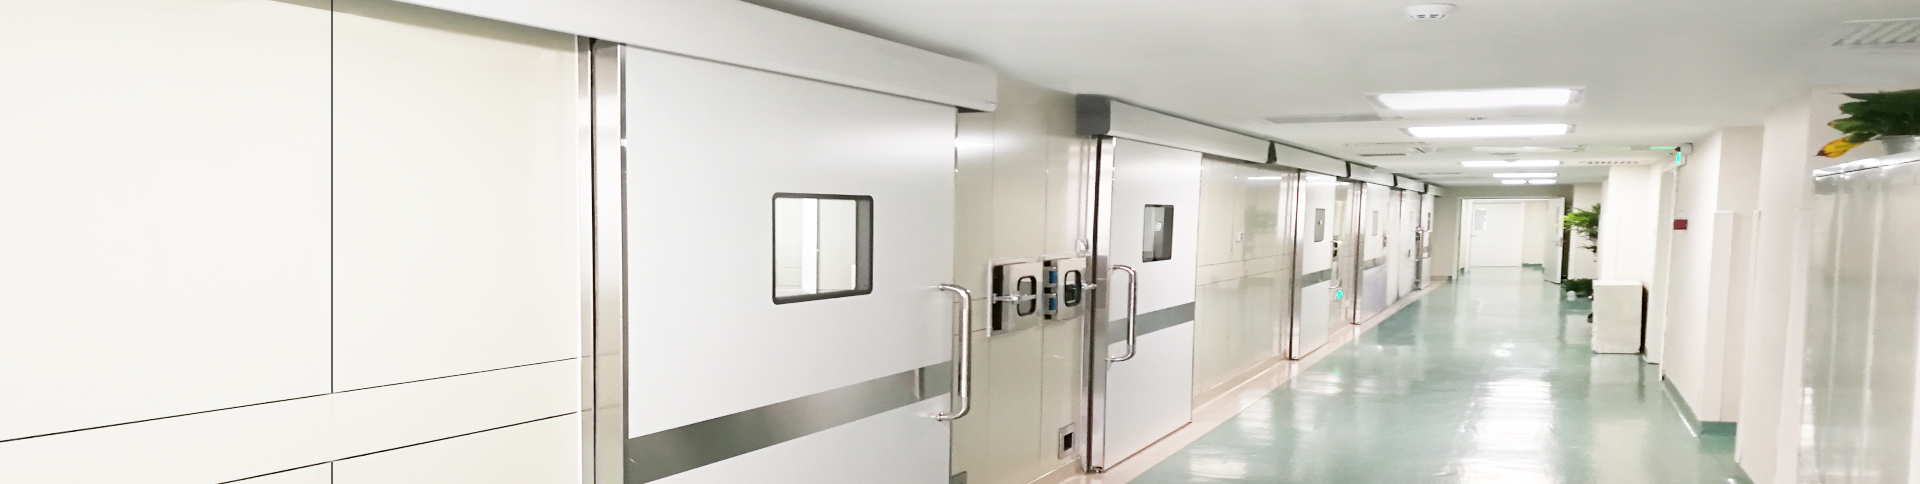 Operating room door manufacturer